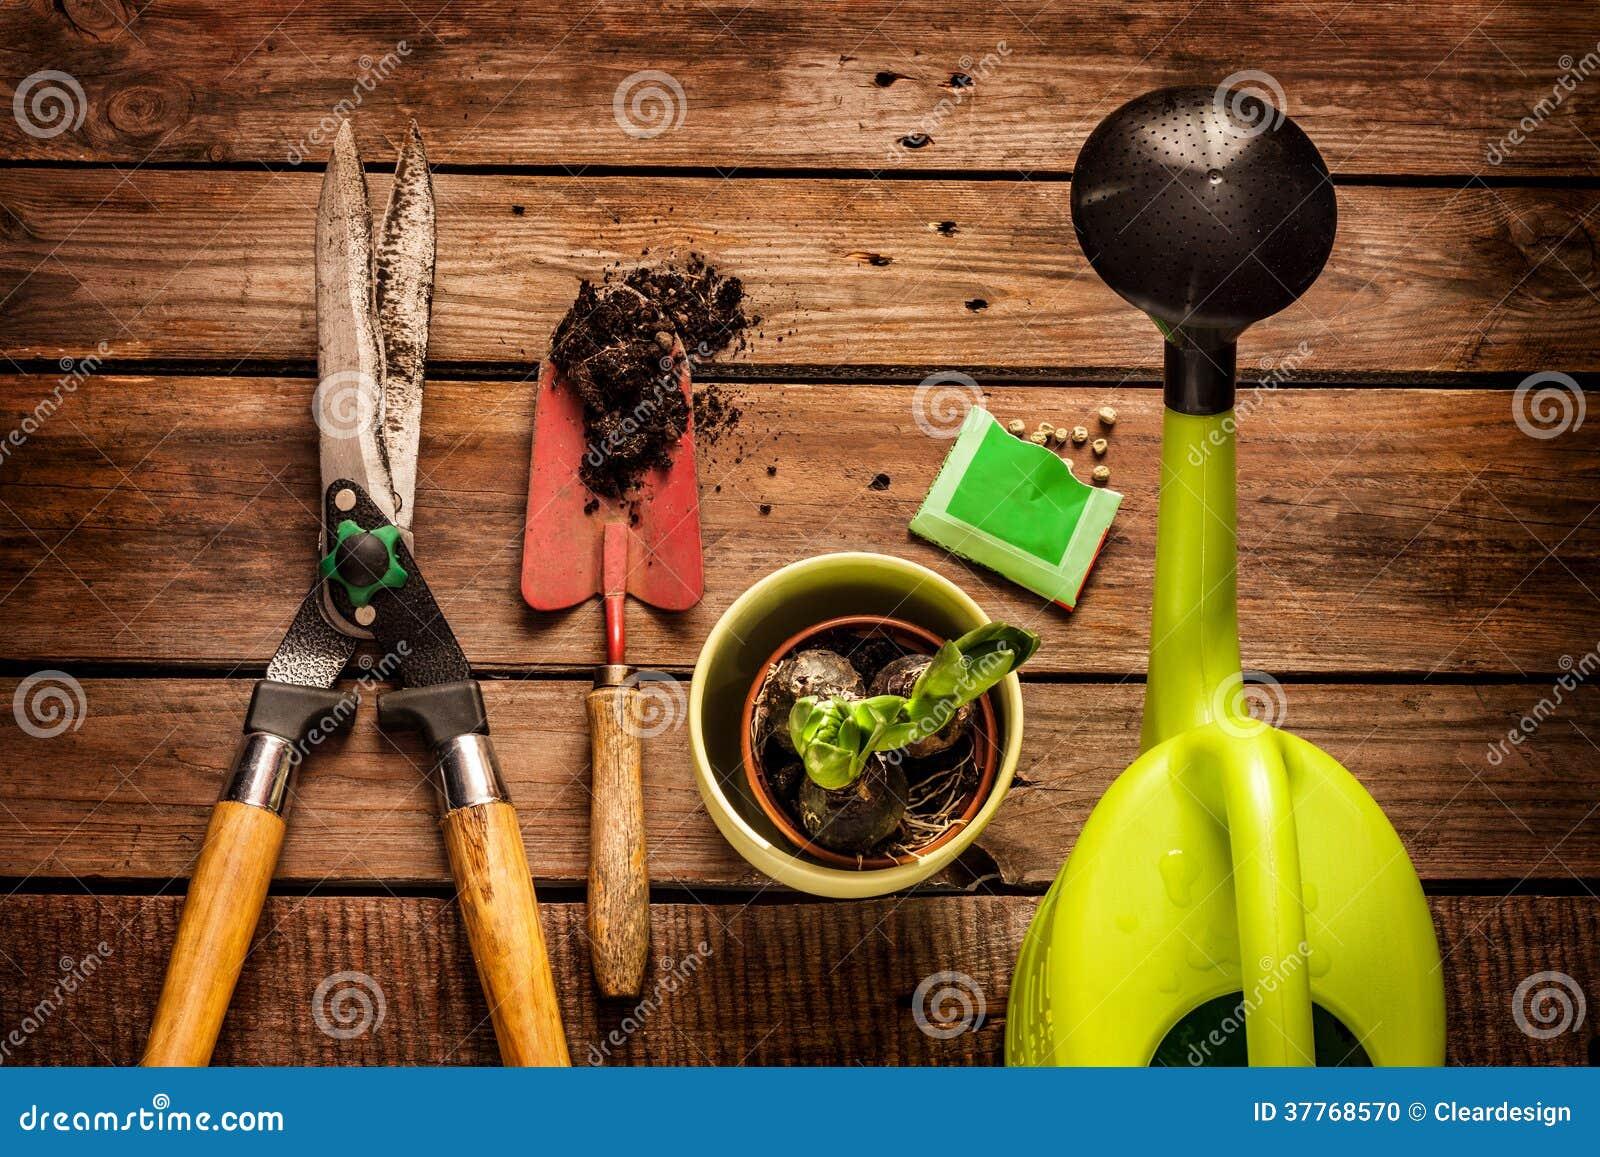 Uprawiający ogródek narzędzia na rocznika drewnianym stole - wiosna